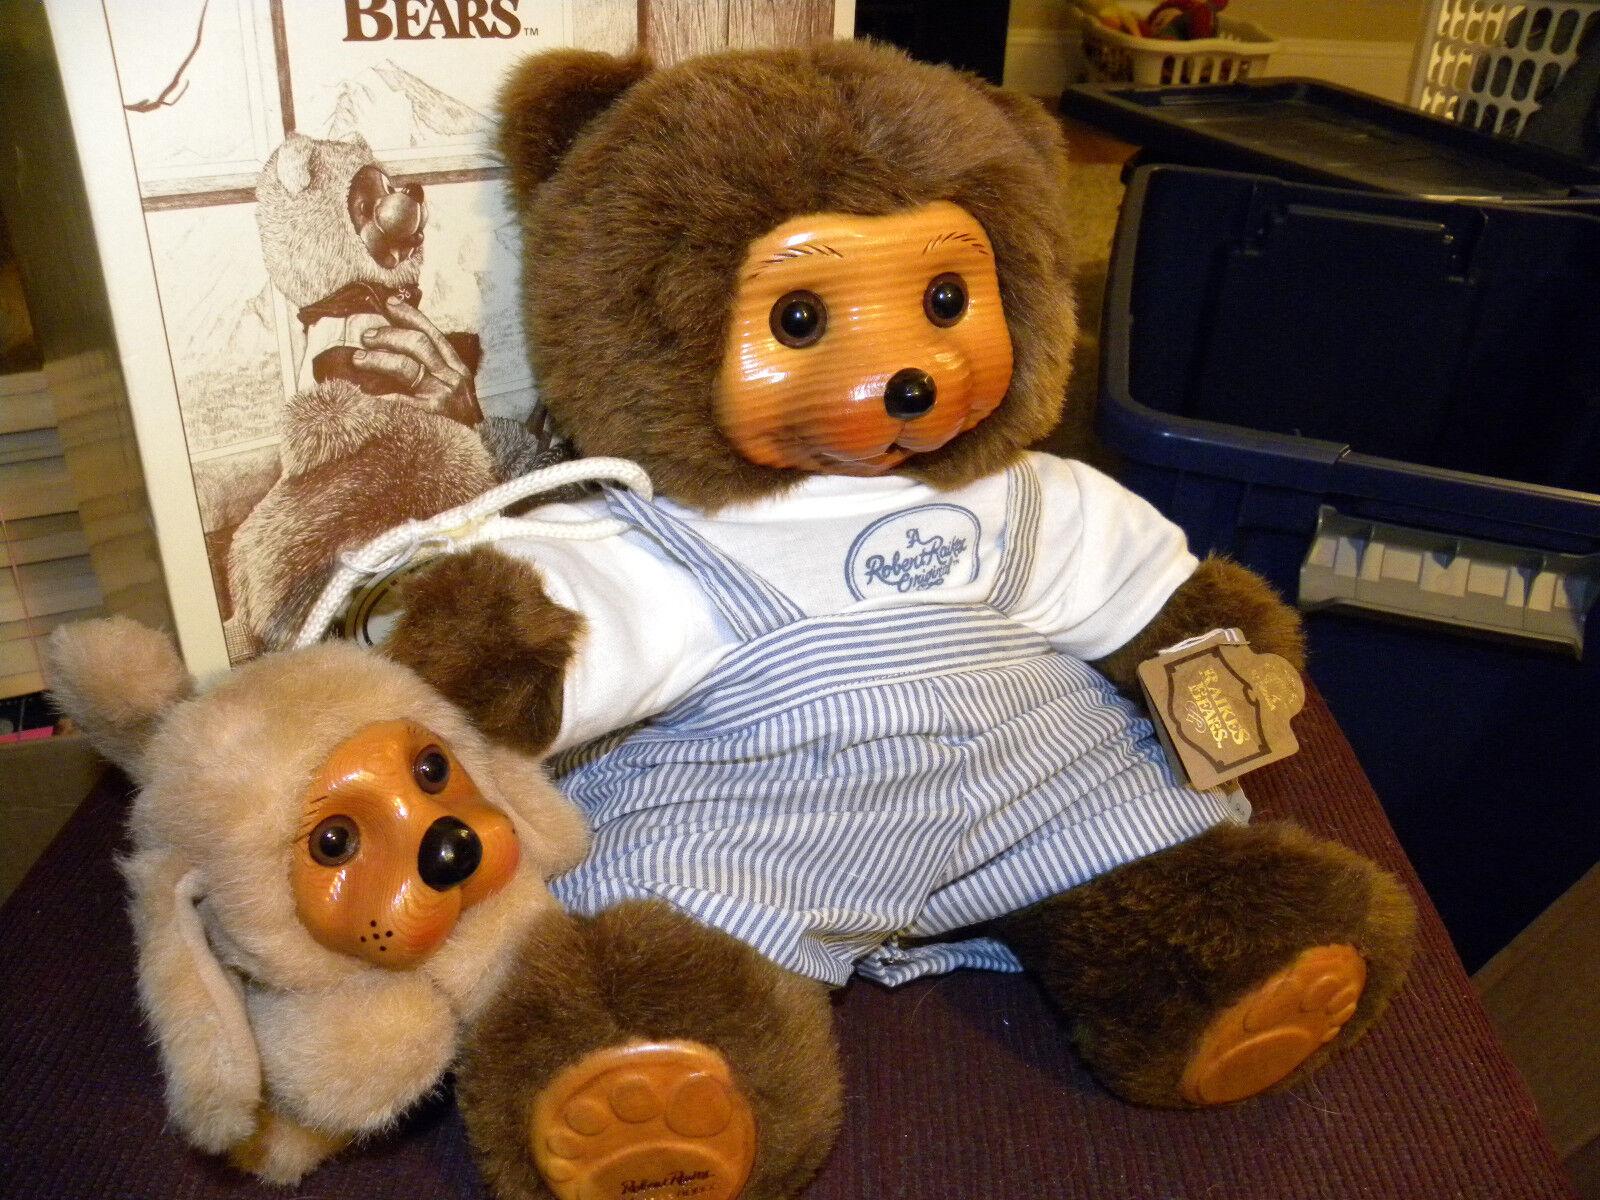 Robert Raikes Best Friends Collection  Brian and Sport  ttt8459/10000 COA - EB3